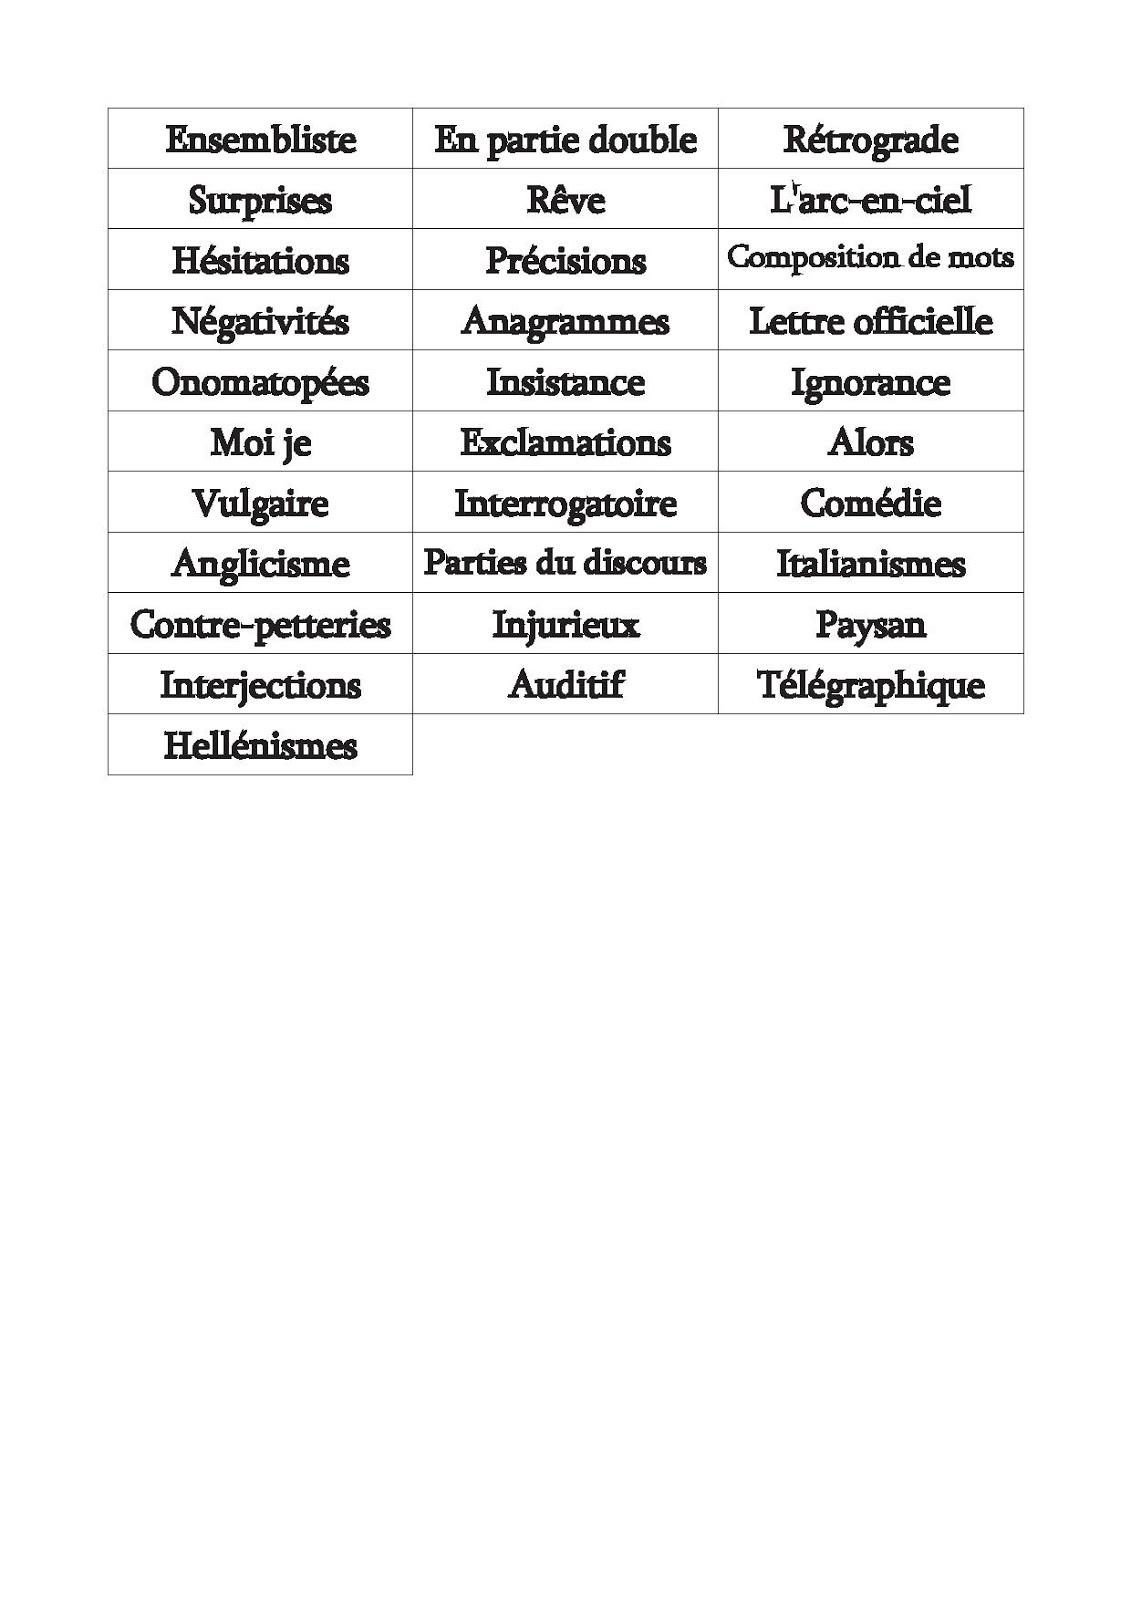 Nova Fle Autour De Exercices De Style De Raymond Queneau